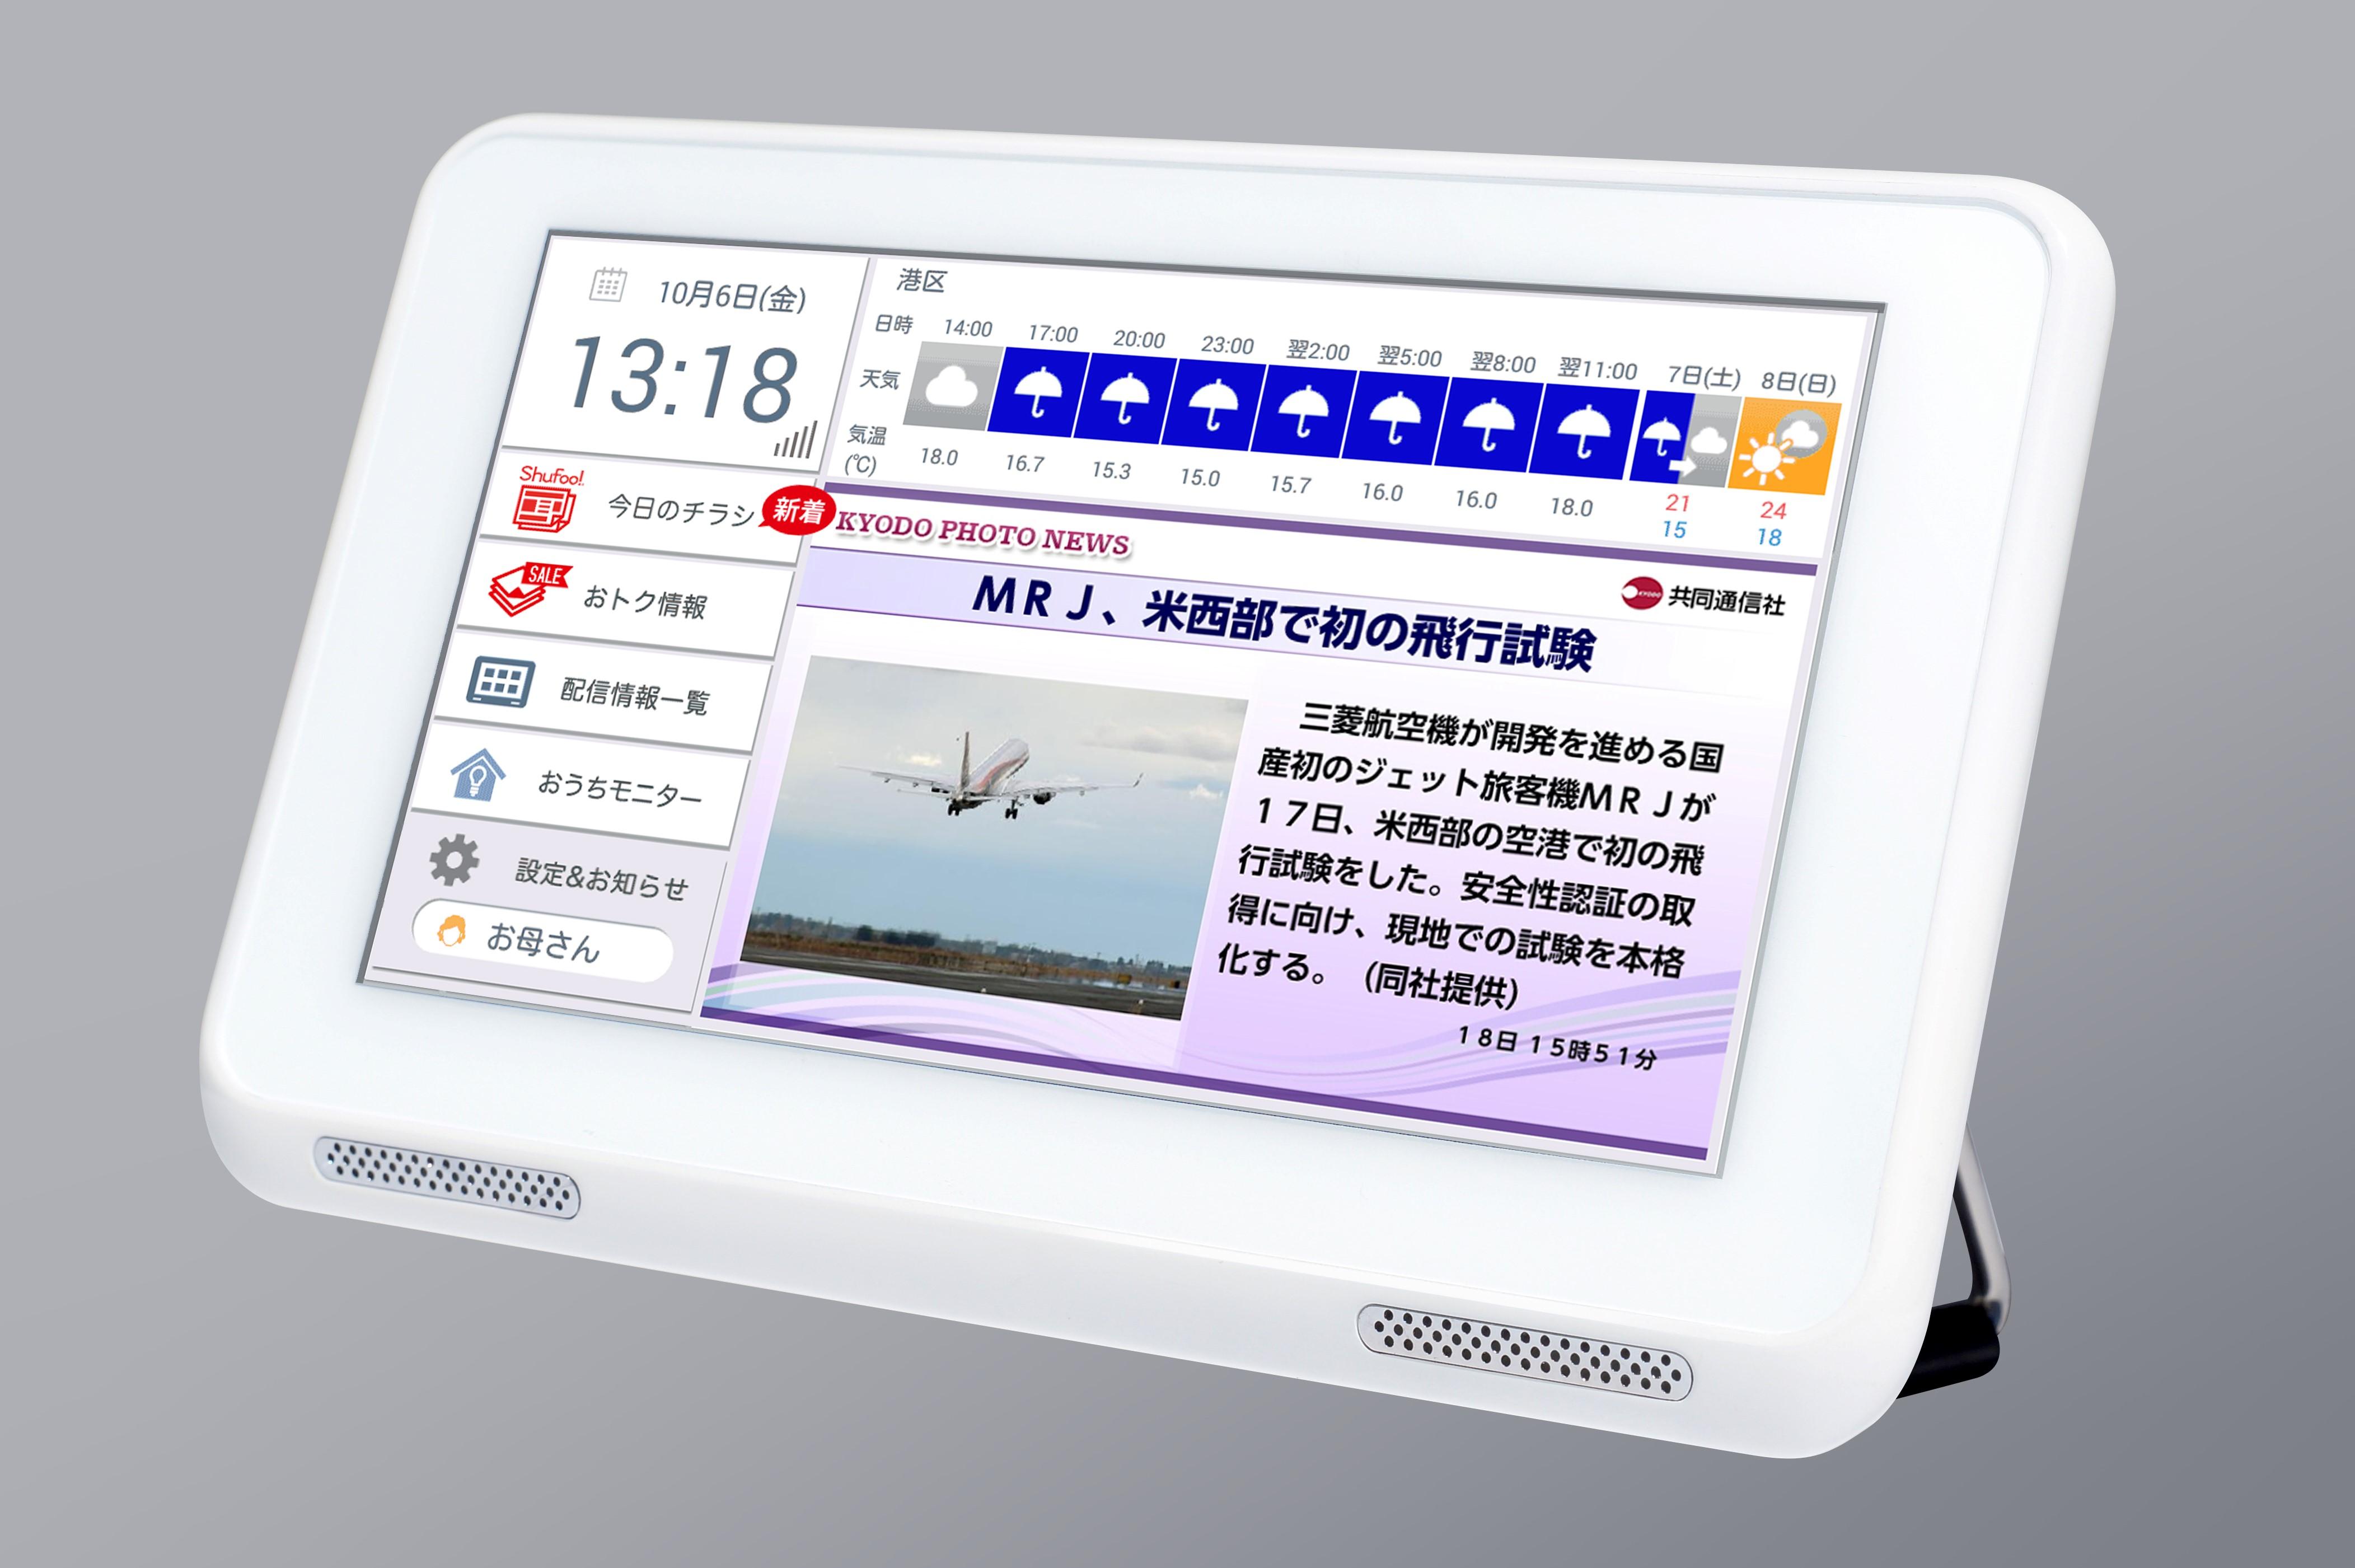 https://www.ccc.co.jp/news/img/T-STATION01.jpg